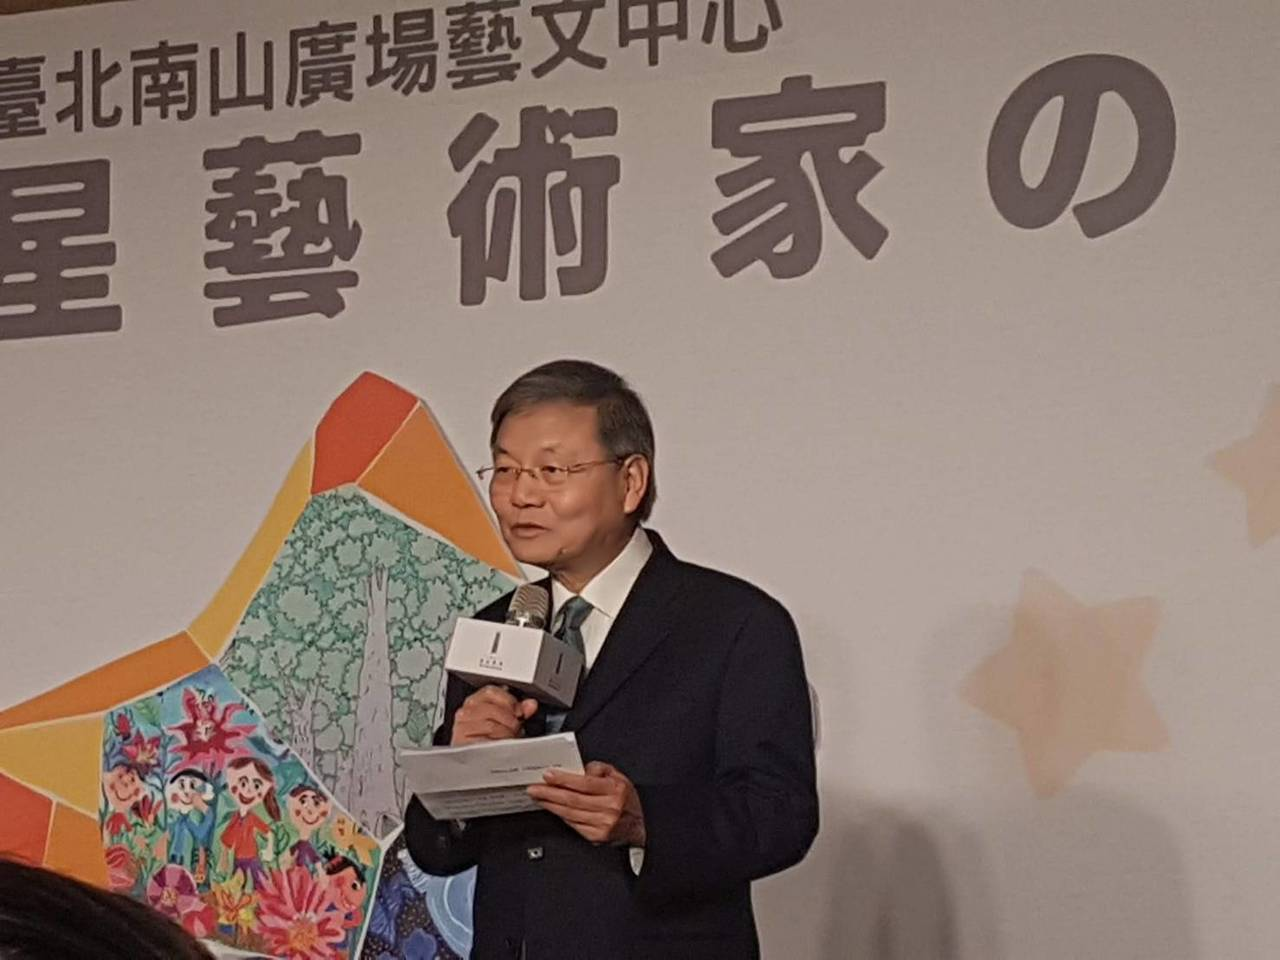 圖為南山人壽董事長杜英宗。記者孫中英/攝影